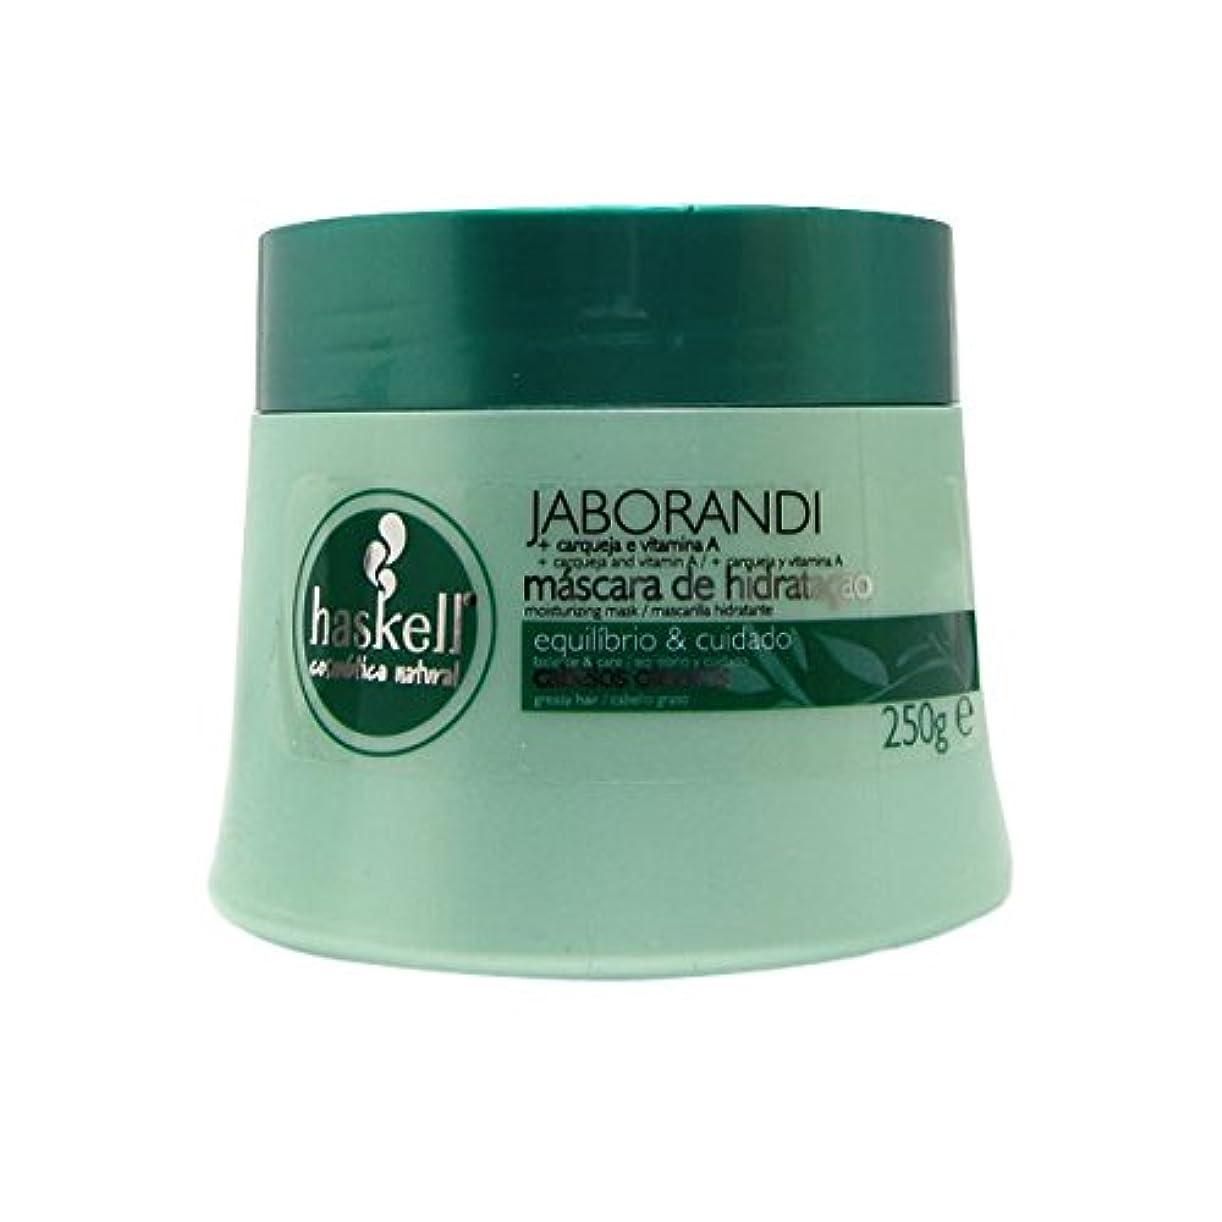 カトリック教徒失望できるHaskell Jaborandi Hair Mask 250g [並行輸入品]